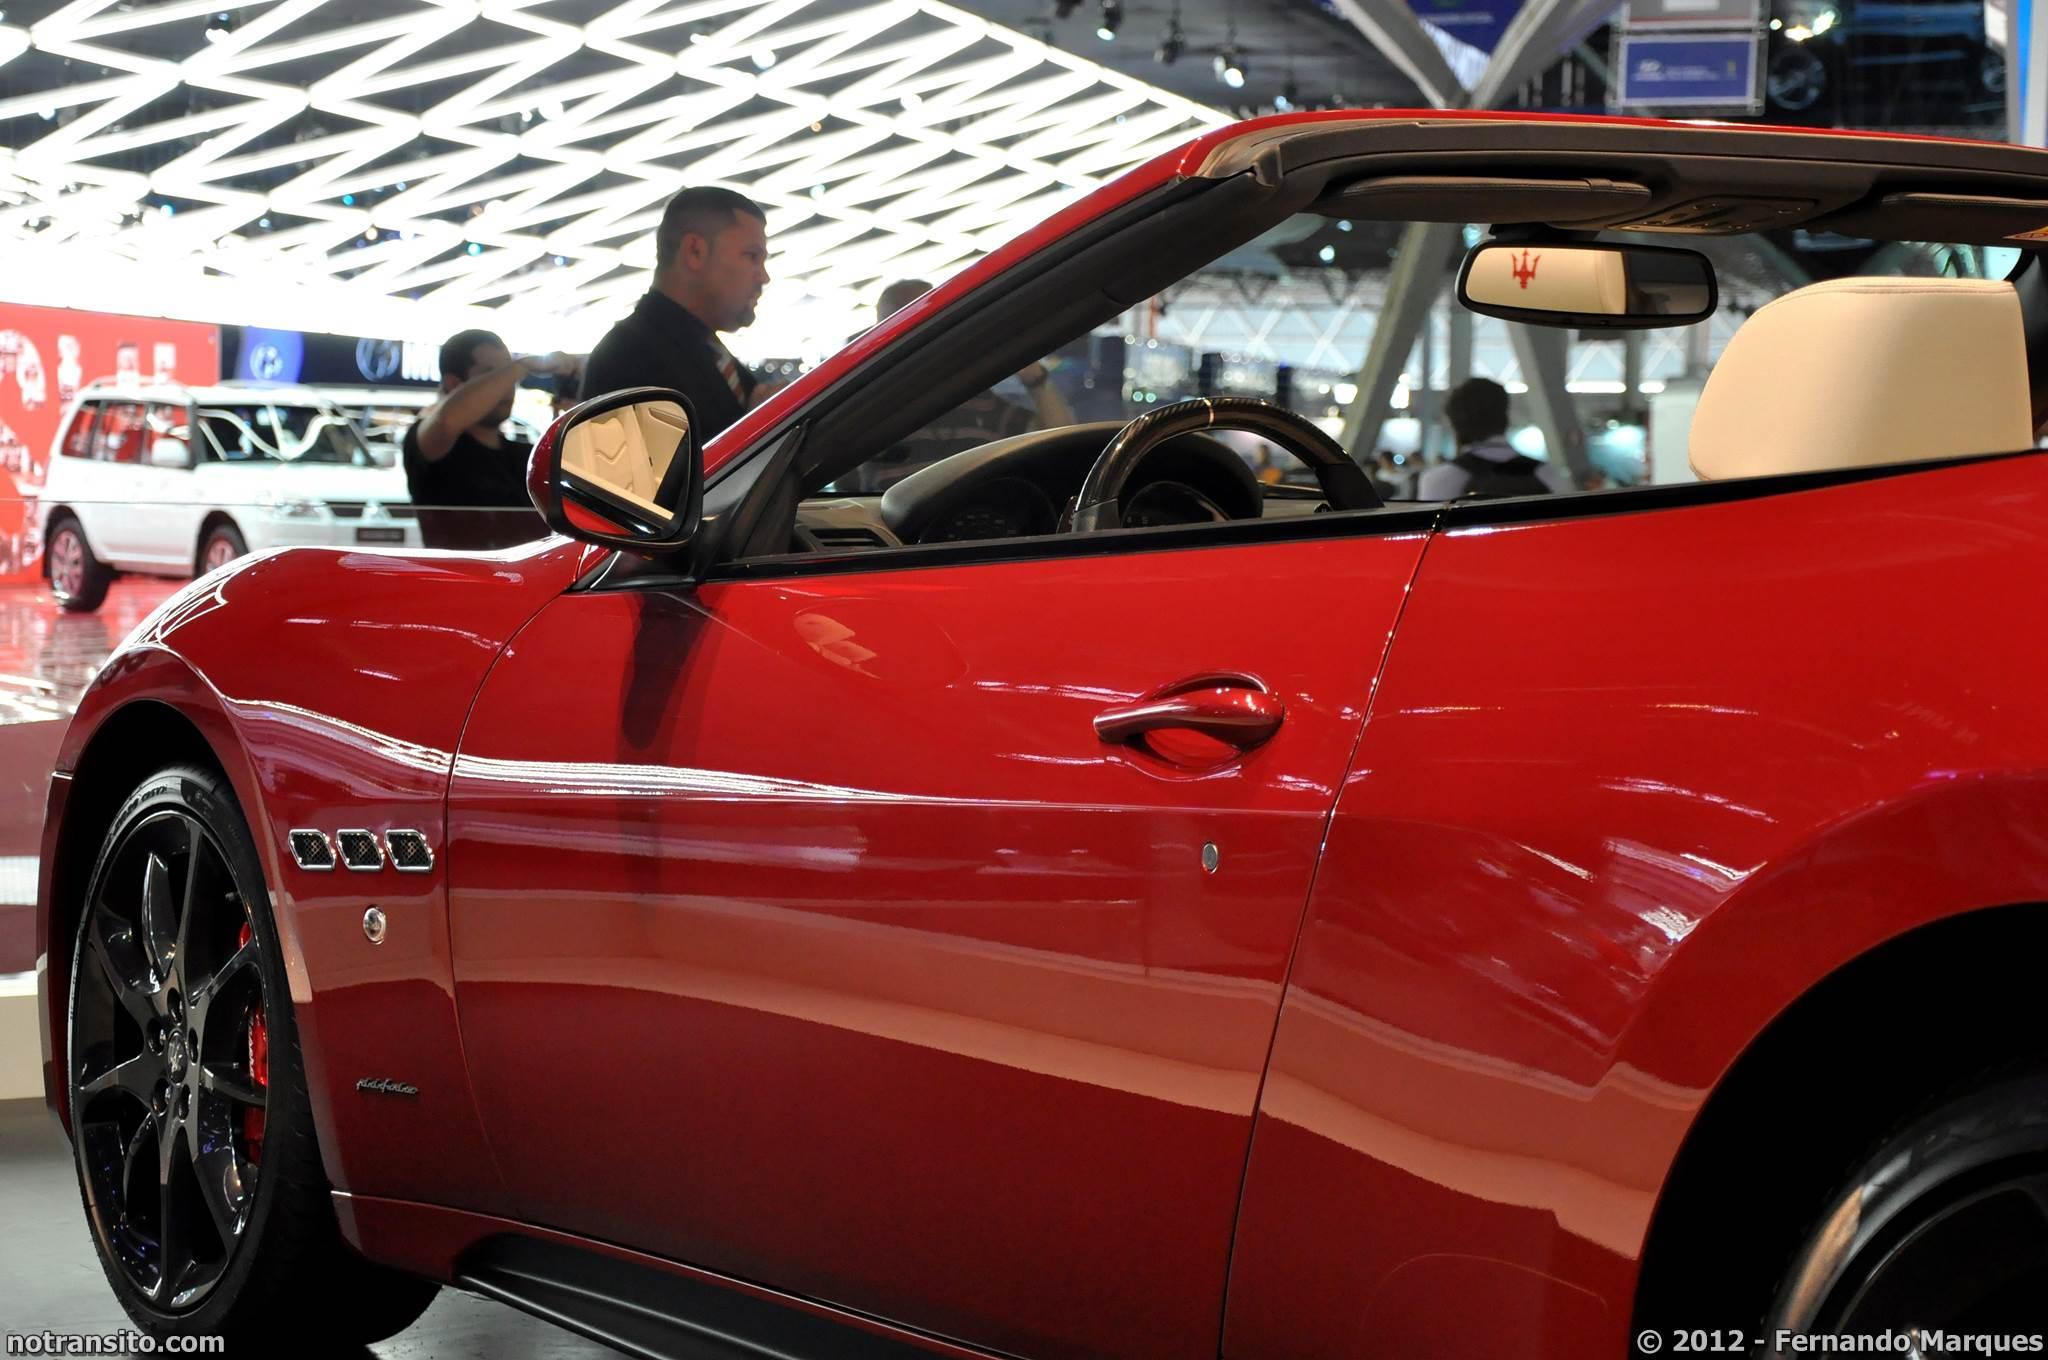 Salão do Automóvel de São Paulo 2012, 27º Salão do Automóvel de São Paulo, Maserati GranCabrio Sport